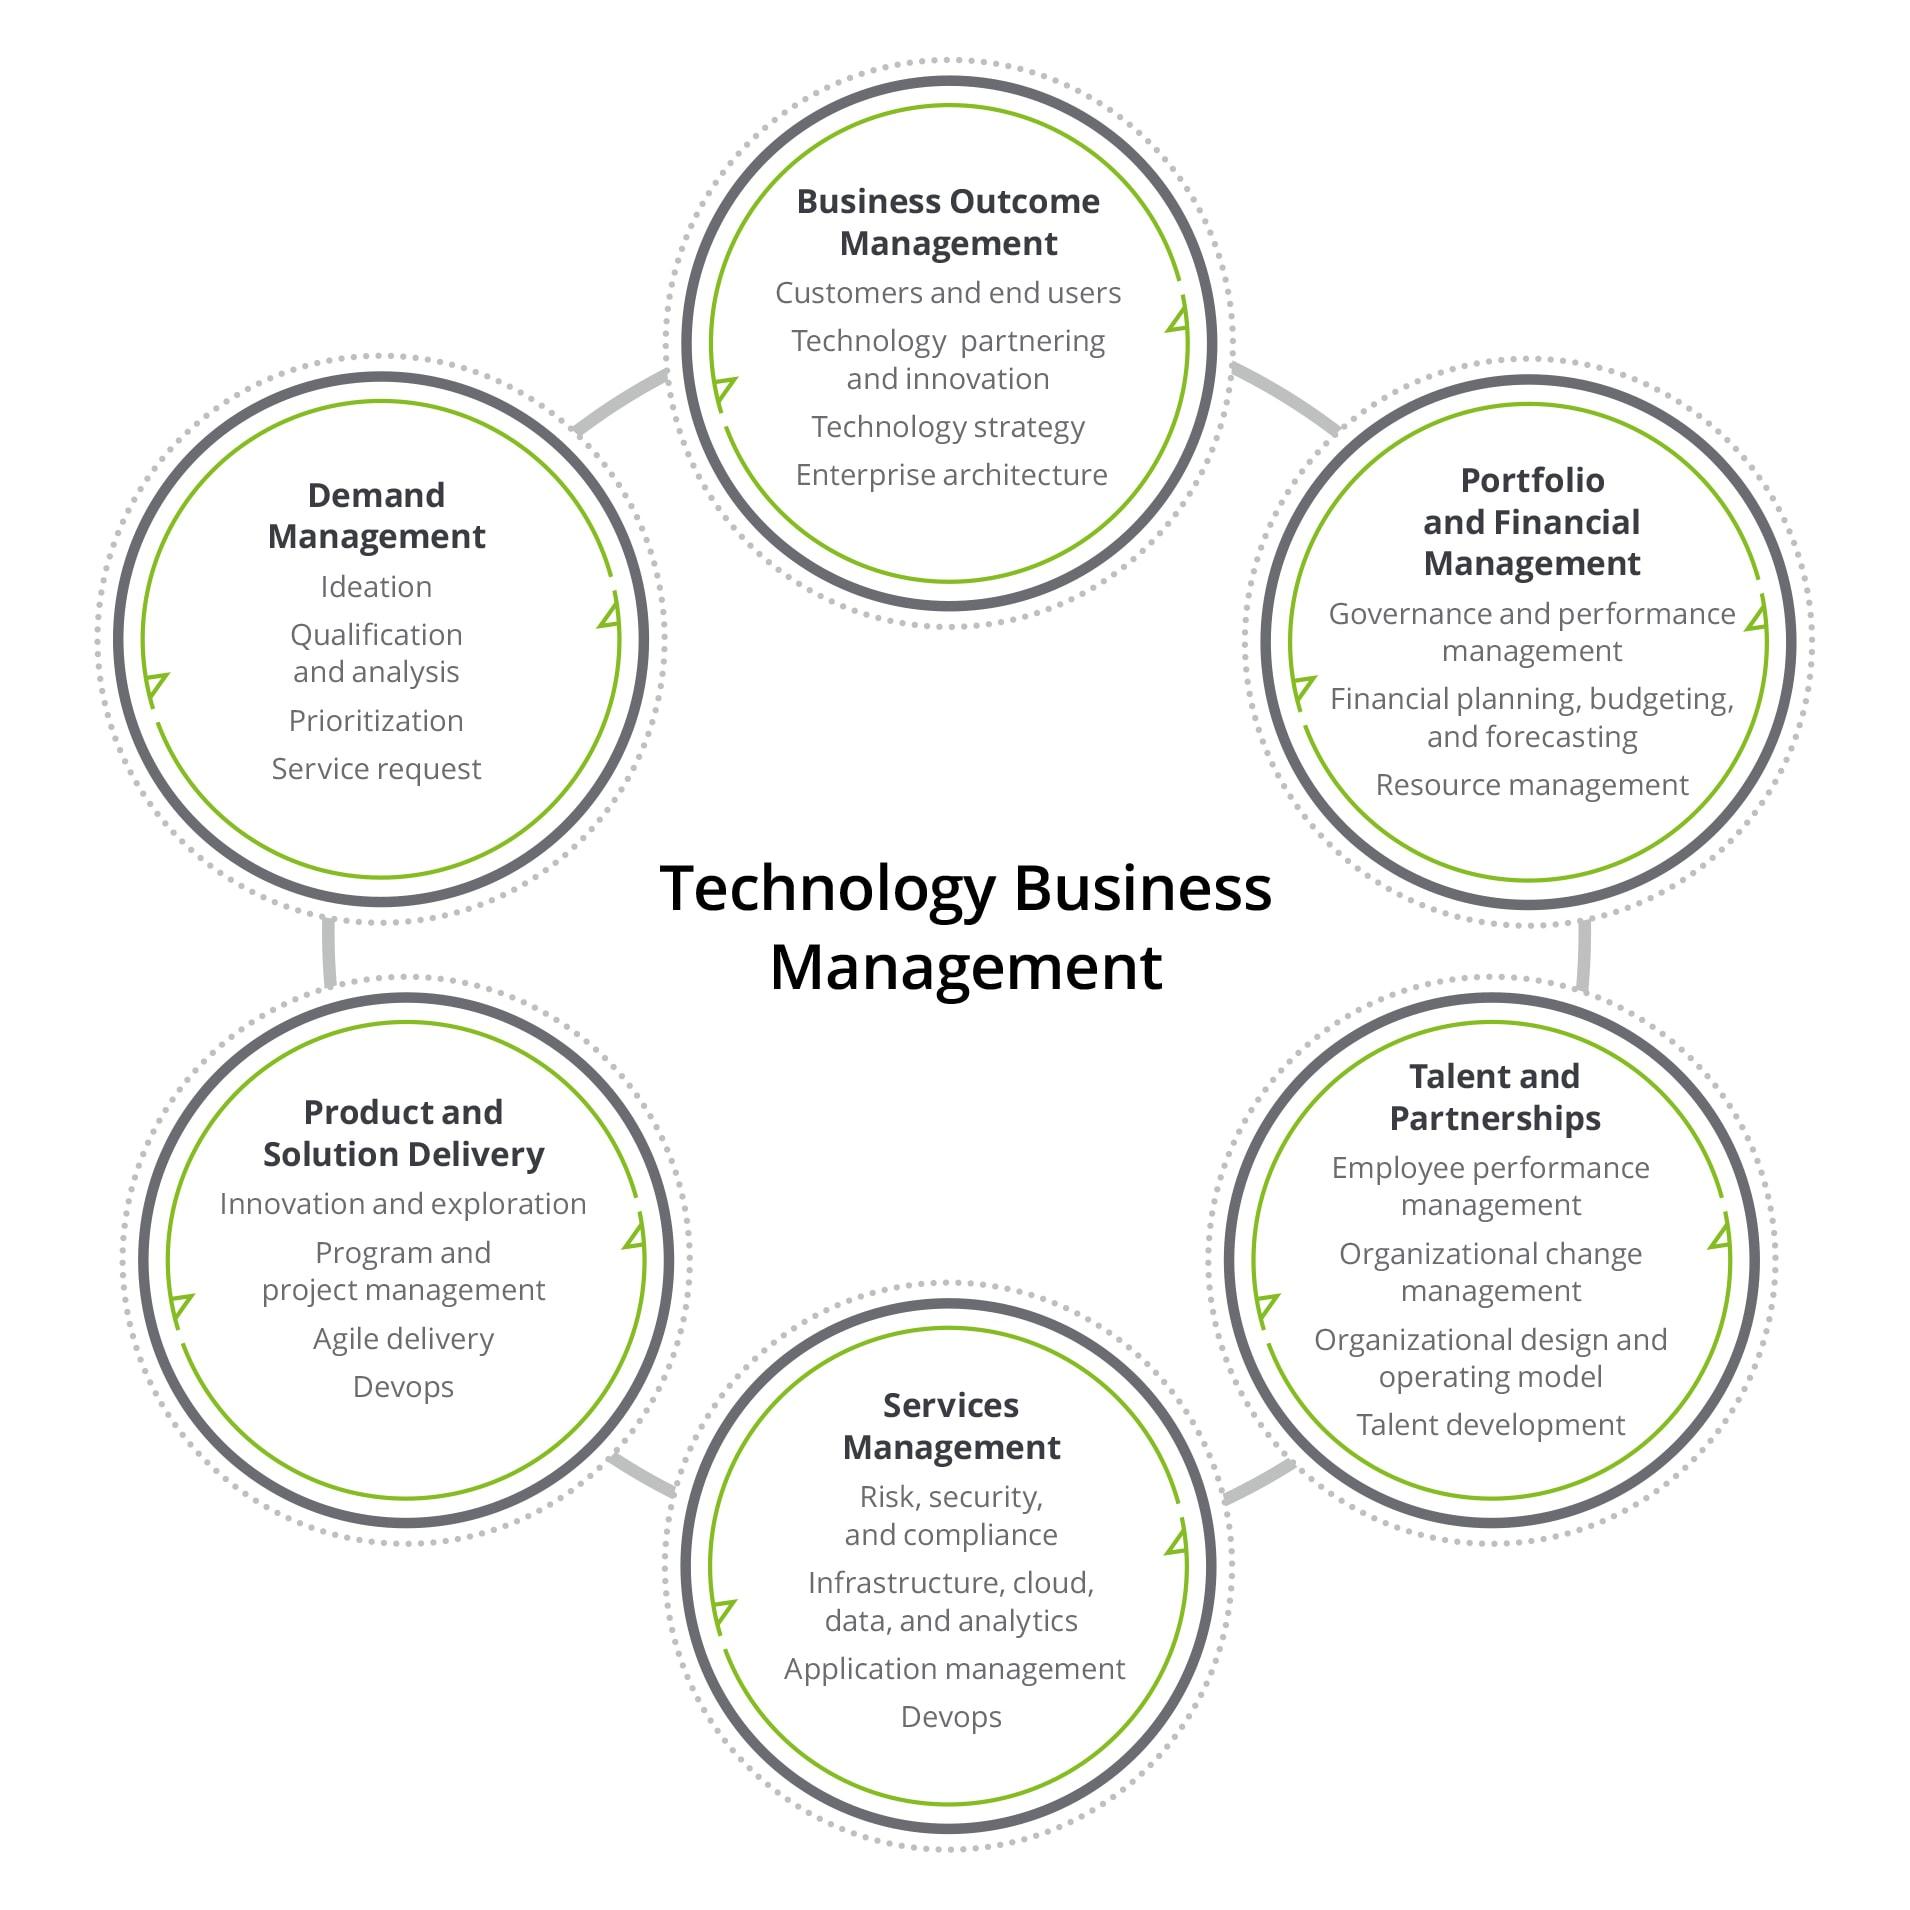 business management technology deloitte